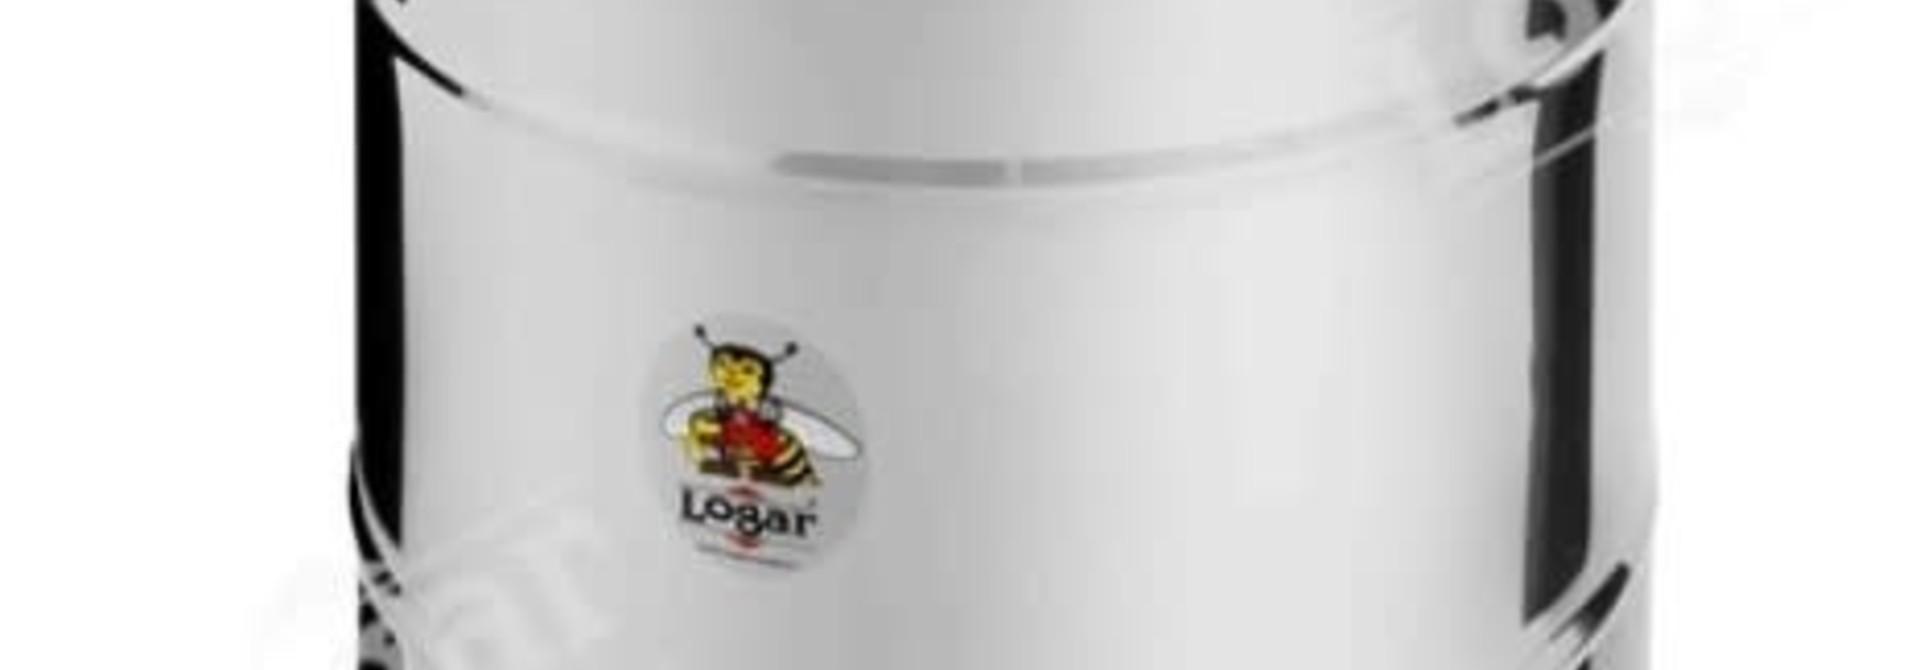 Rijper Logar 100 kg met hermetische dichting